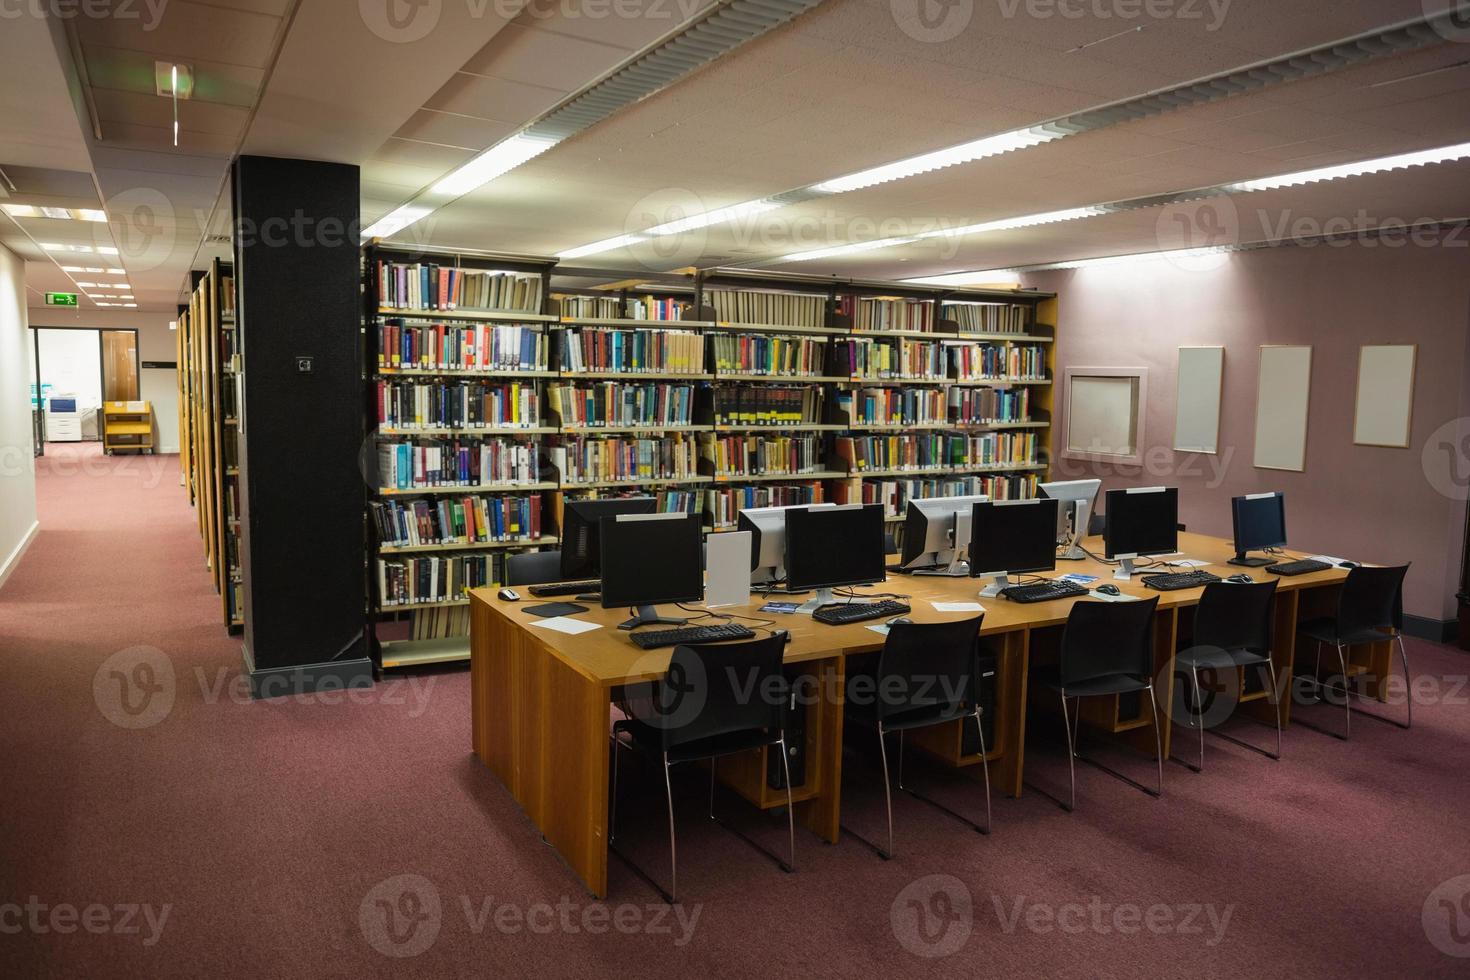 datorskrivbord i biblioteket foto